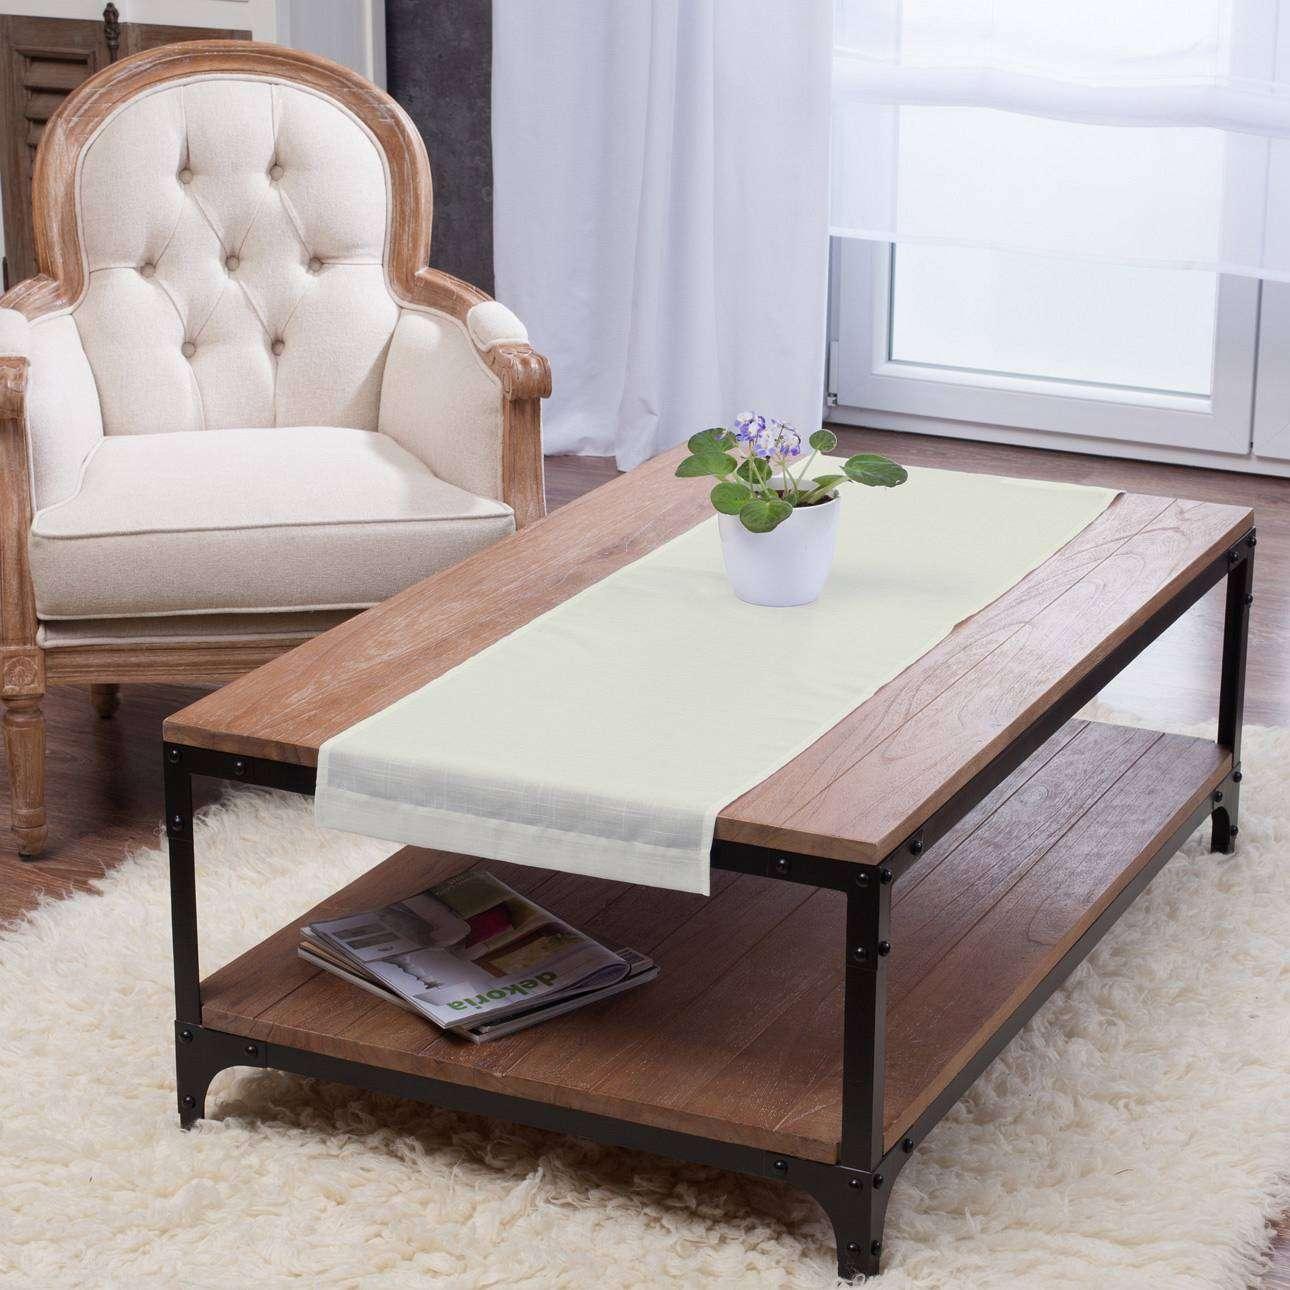 Asztali futó 40 x 130 cm a kollekcióból Lakástextil Romantica, Dekoranyag: 128-88